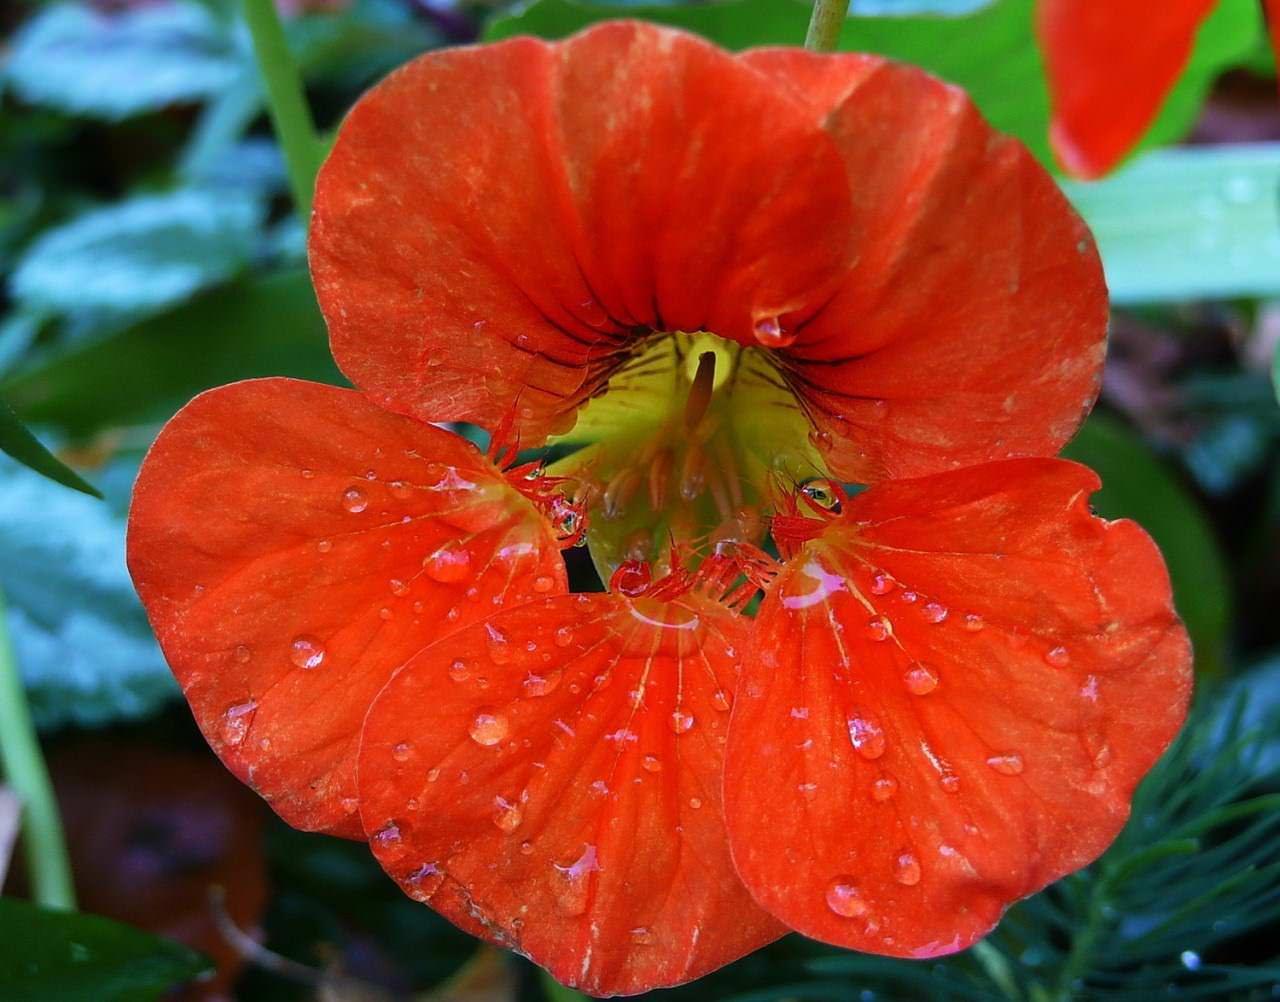 Размножение настурции можно провести семенами или путем выращивания рассады